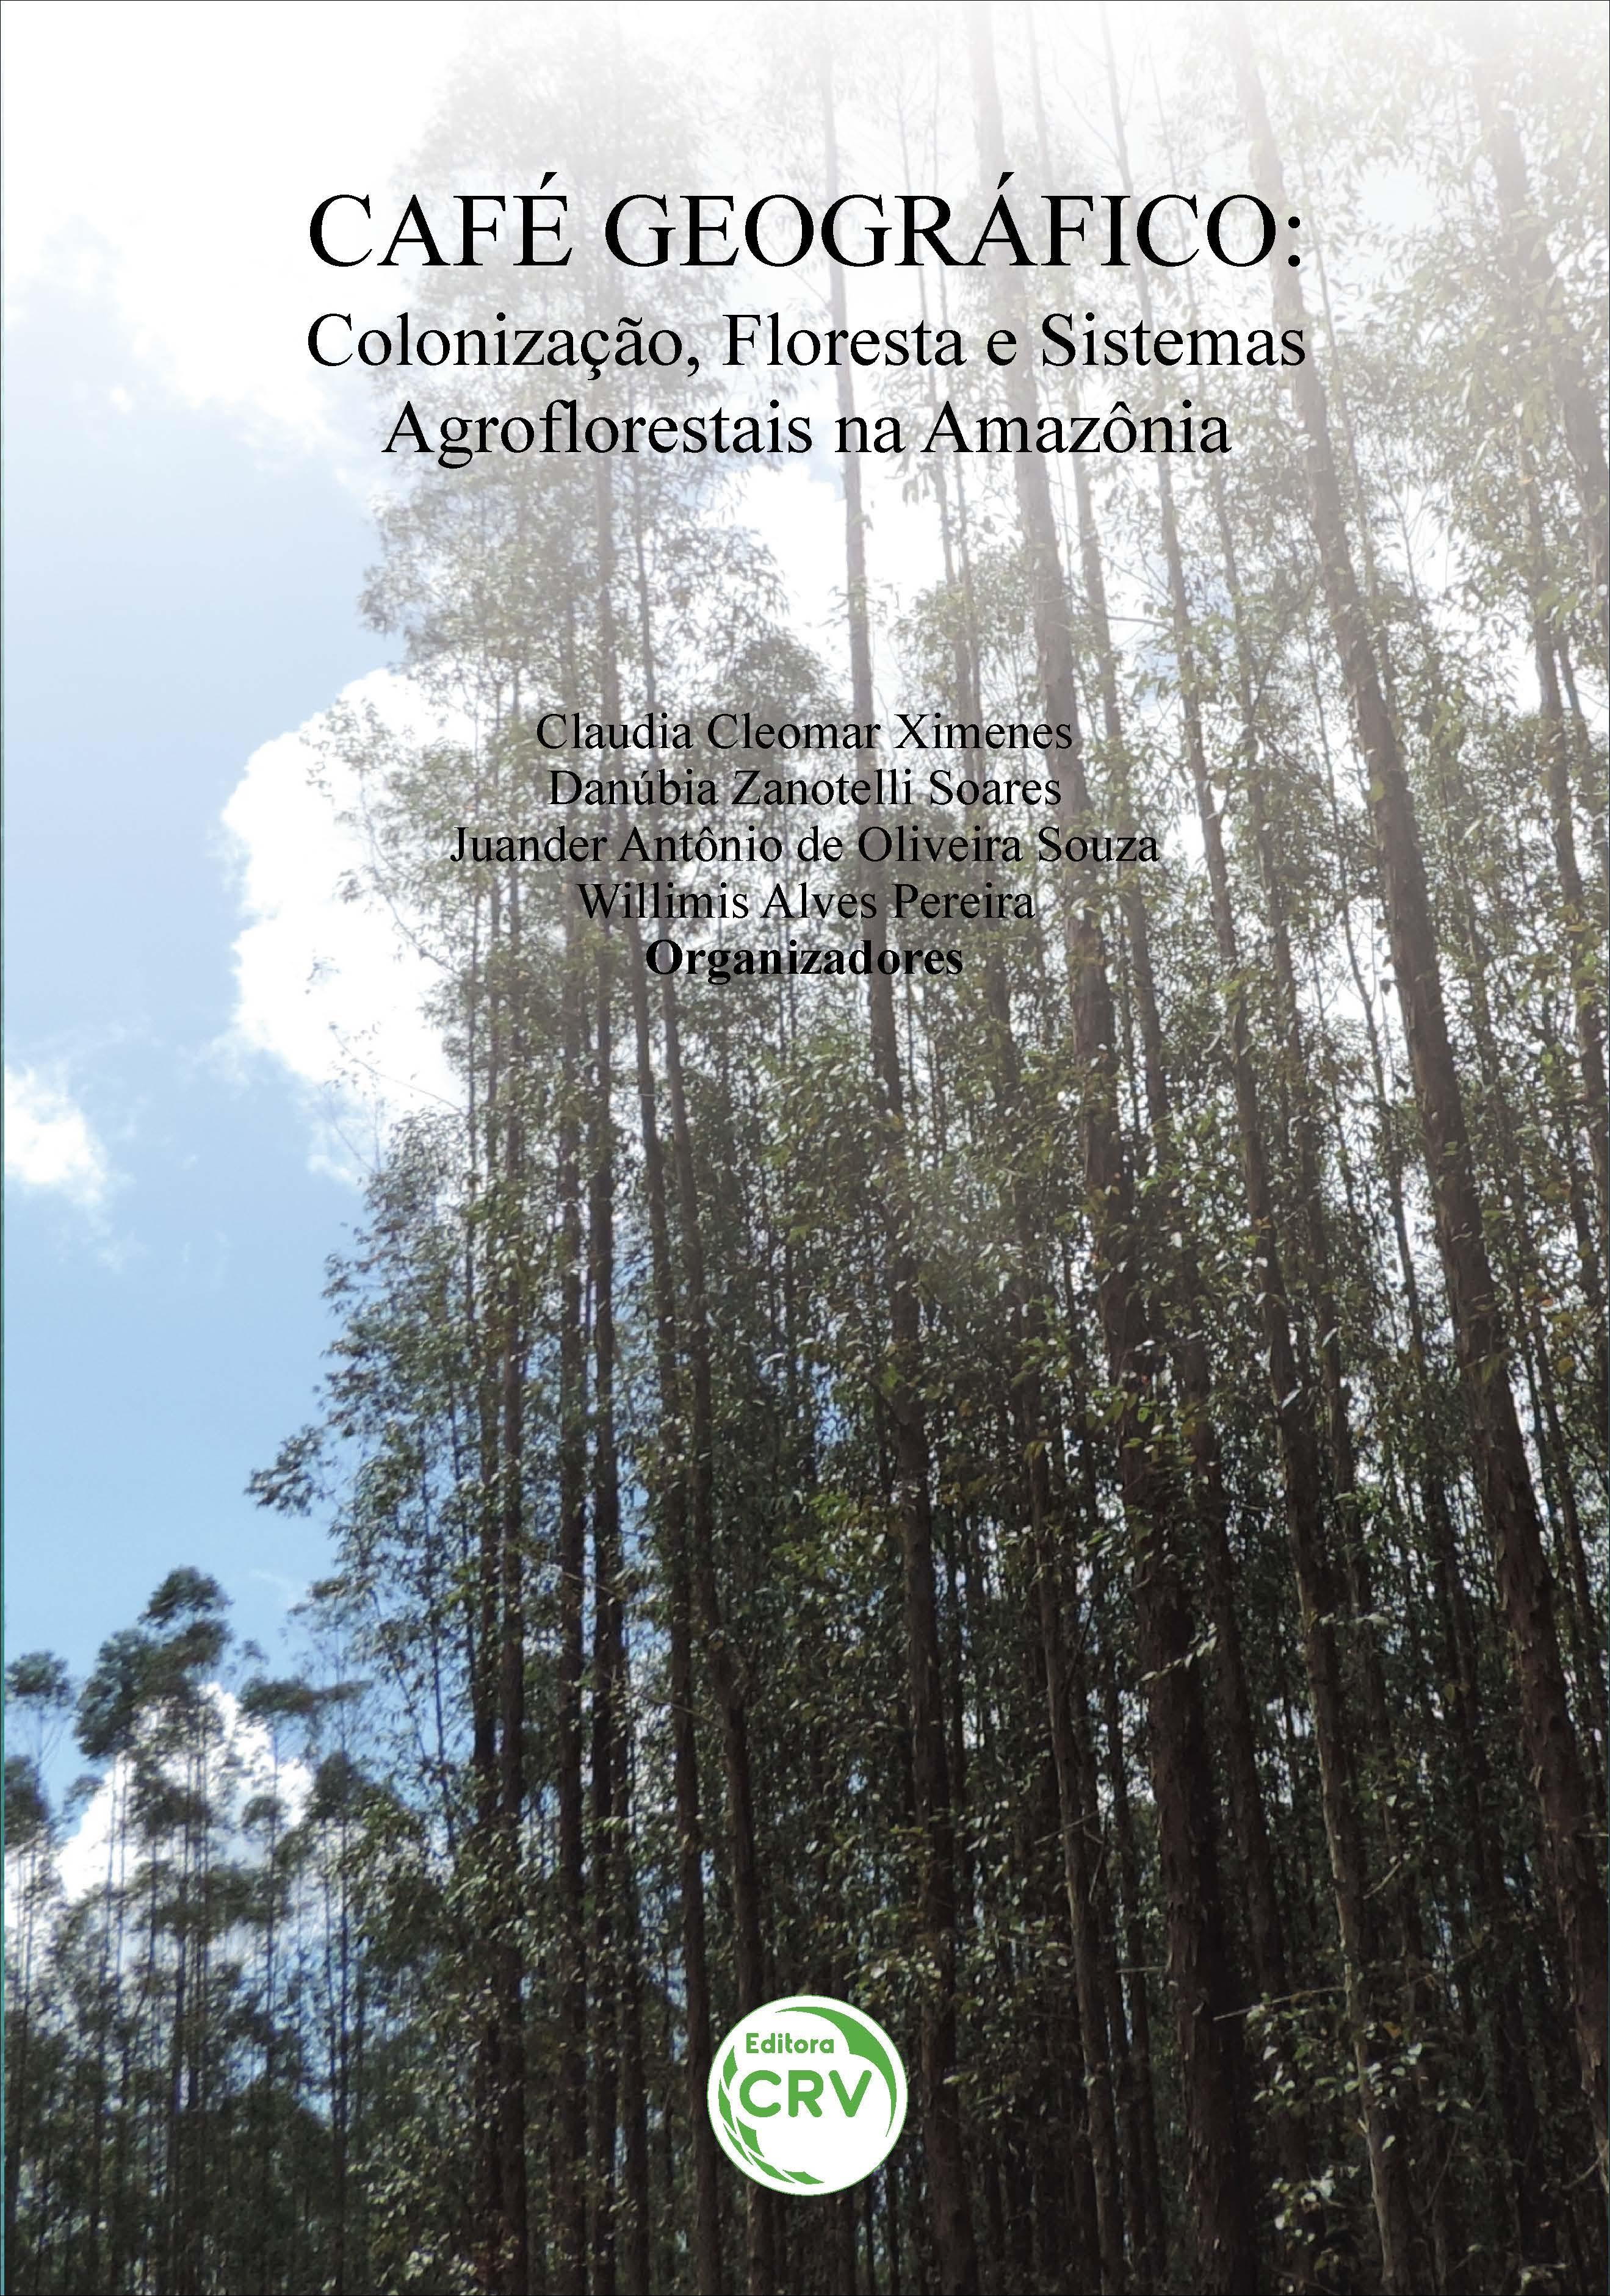 Capa do livro: CAFÉ GEOGRÁFICO: <br>colonização, &#64258;oresta e sistemas agro&#64258;orestais na Amazônia